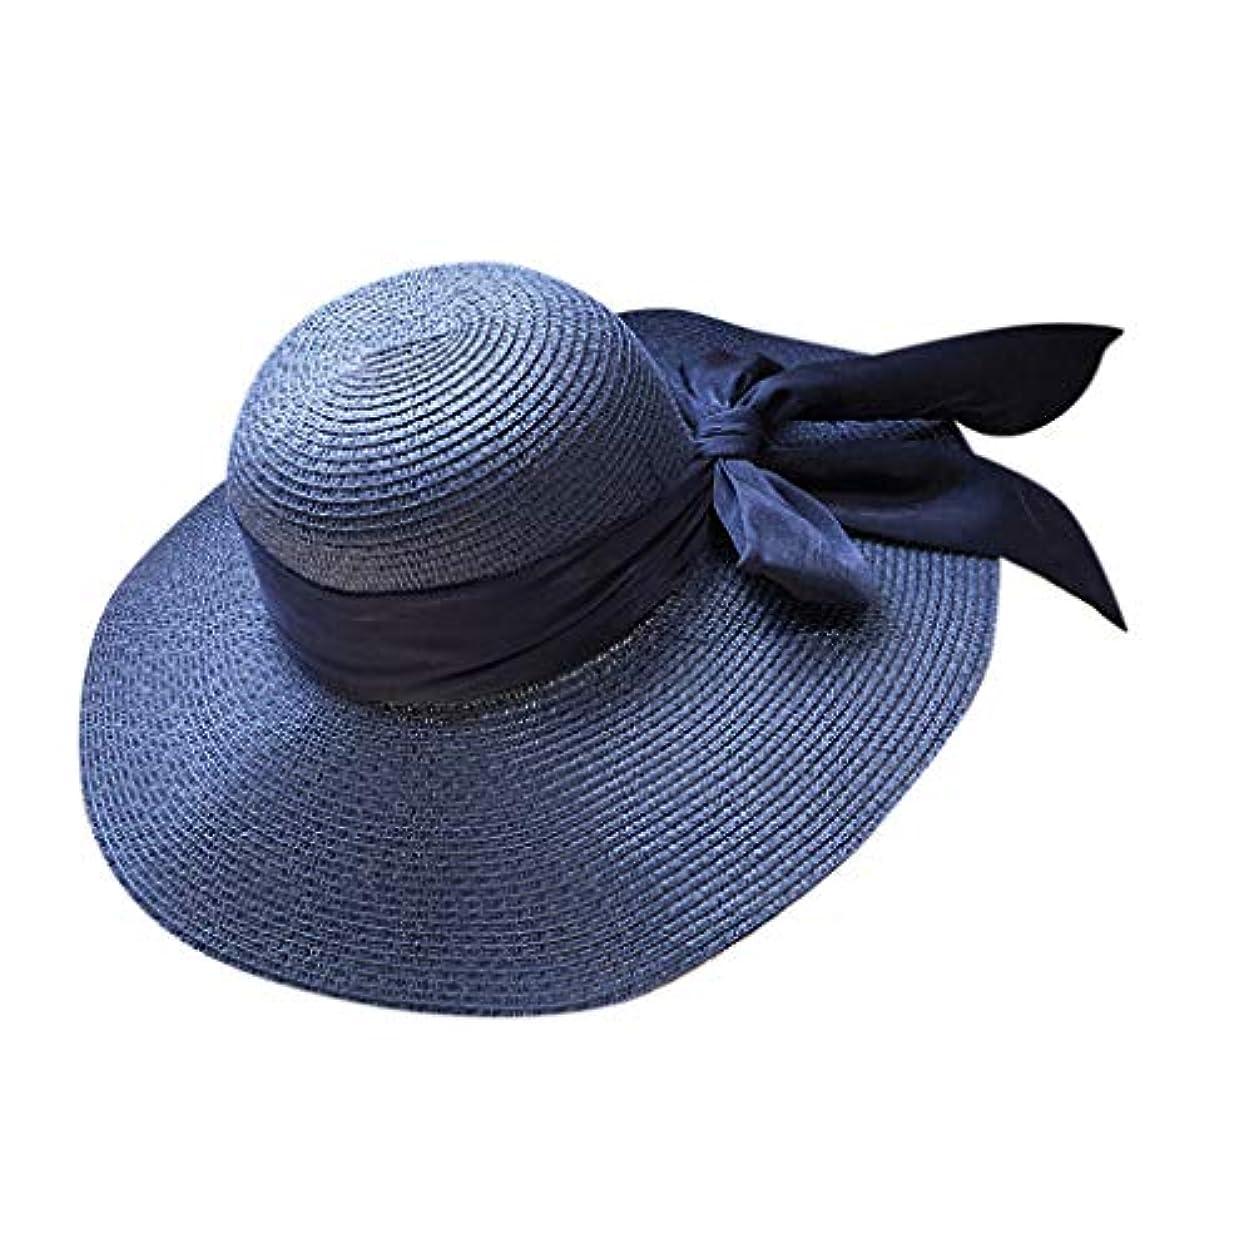 祝うアレキサンダーグラハムベルモザイク帽子 レディース UVカット 麦わら帽子 可愛い 小顔効果抜群 日よけ 折りたたみ つば広 帽子 サイズ調整 テープ ハット レディース 帽子 日よけ帽子 防晒帽 ビーチ 旅行用 日よけ 日射し 海 夏季 ROSE ROMAN